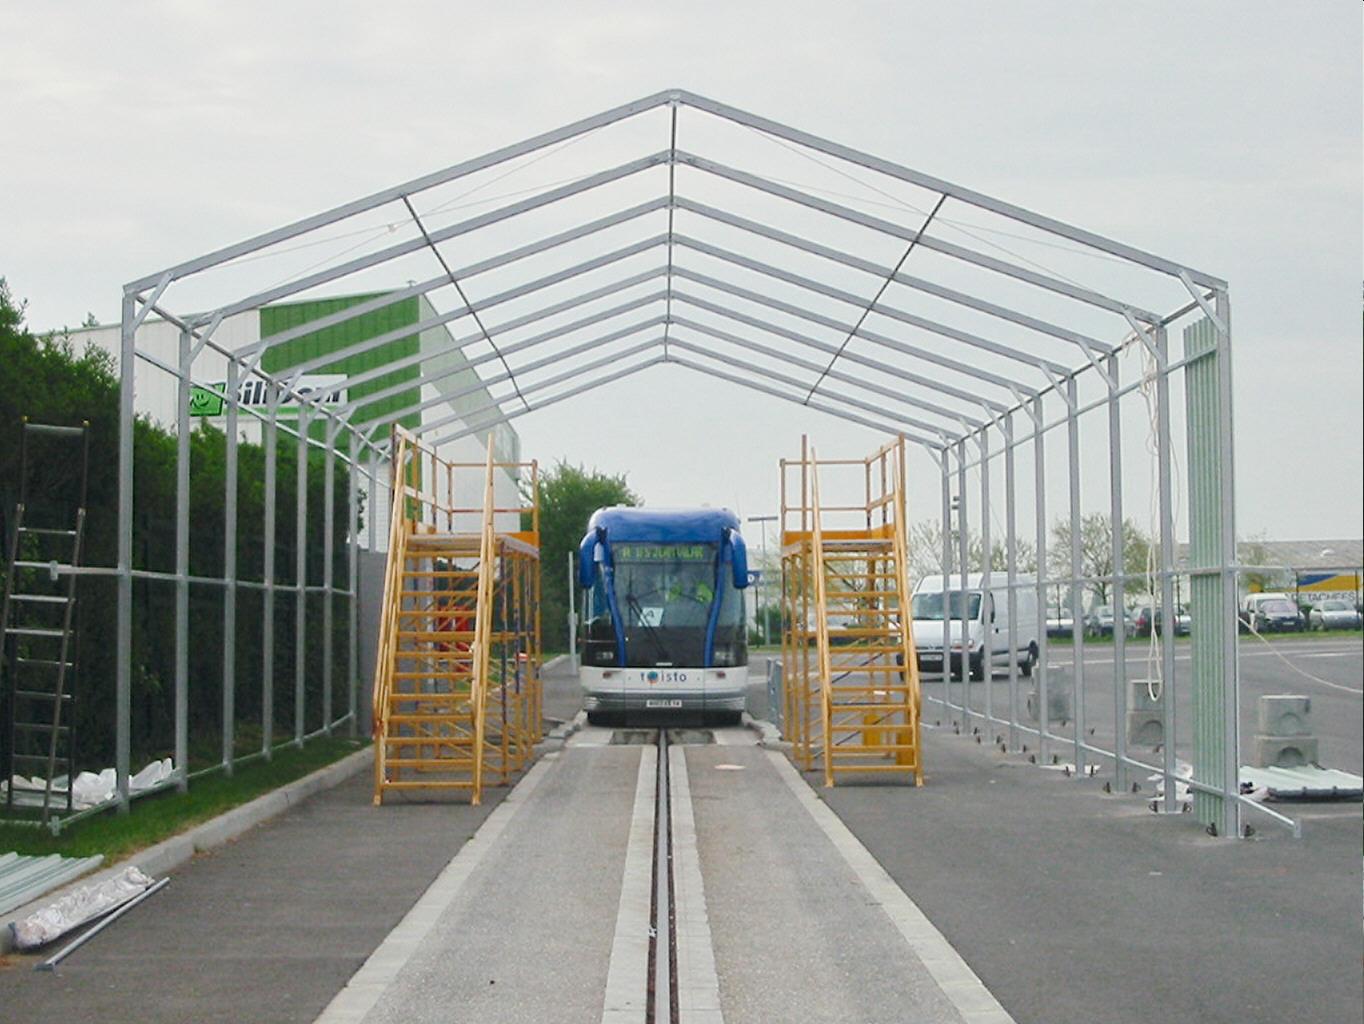 Bâtiments (2) Construction d'une charpente métallique pour la construction d'un hangar de protection pour le Tramway de Caen Basse Normandie